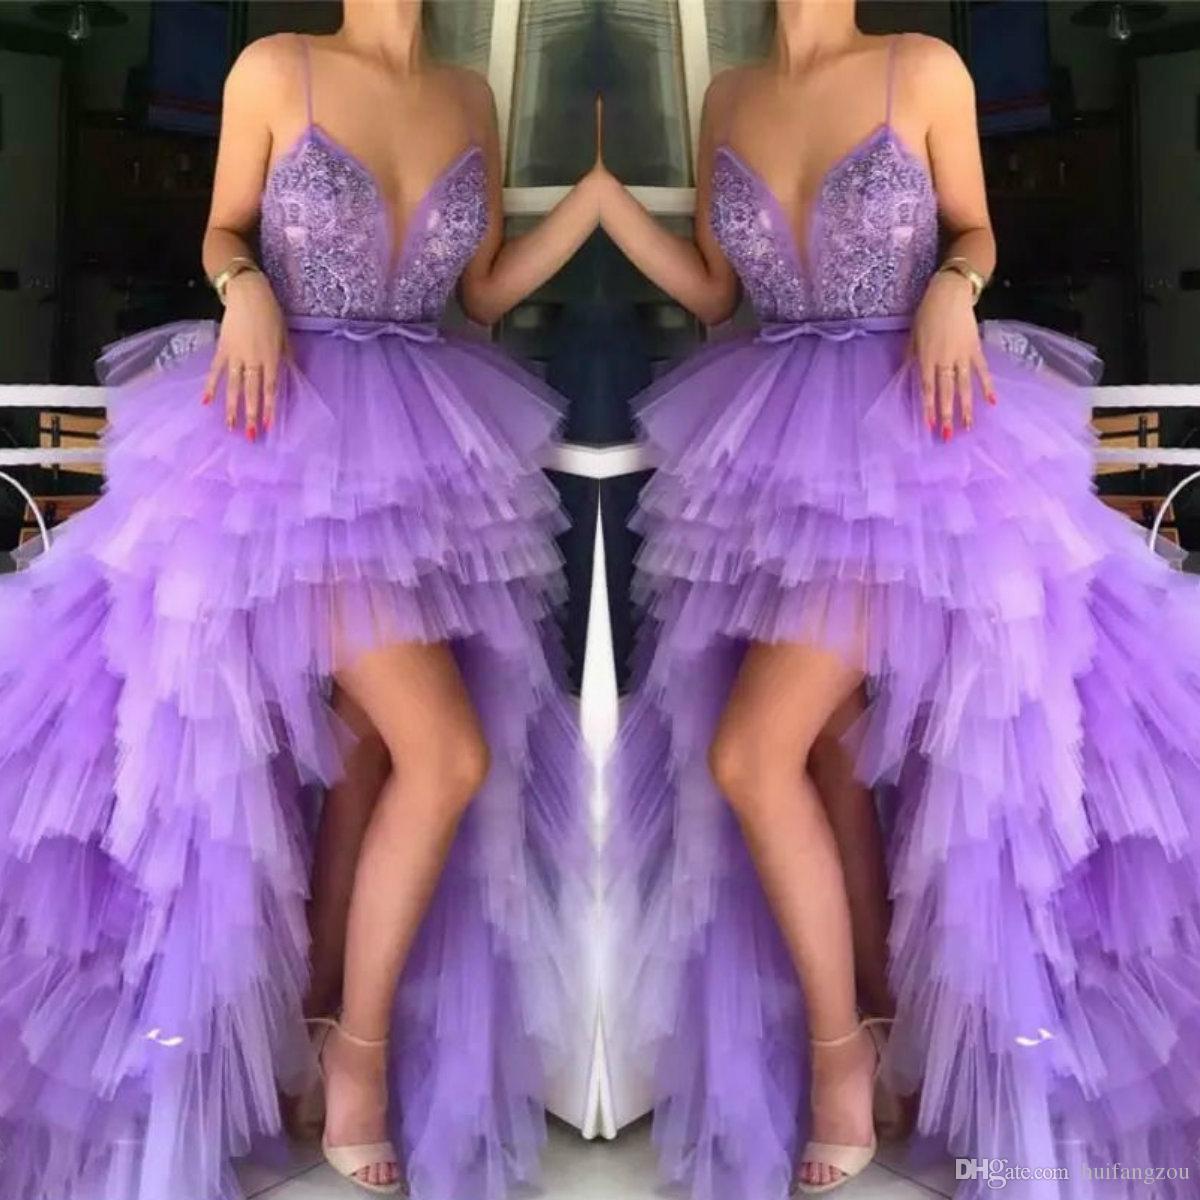 2019 Hola Lo Spaghetti Vestidos de baile Apliques de encaje Vestido de noche atractivo moldeado Tul con gradas Vestidos de fiesta formal personalizados